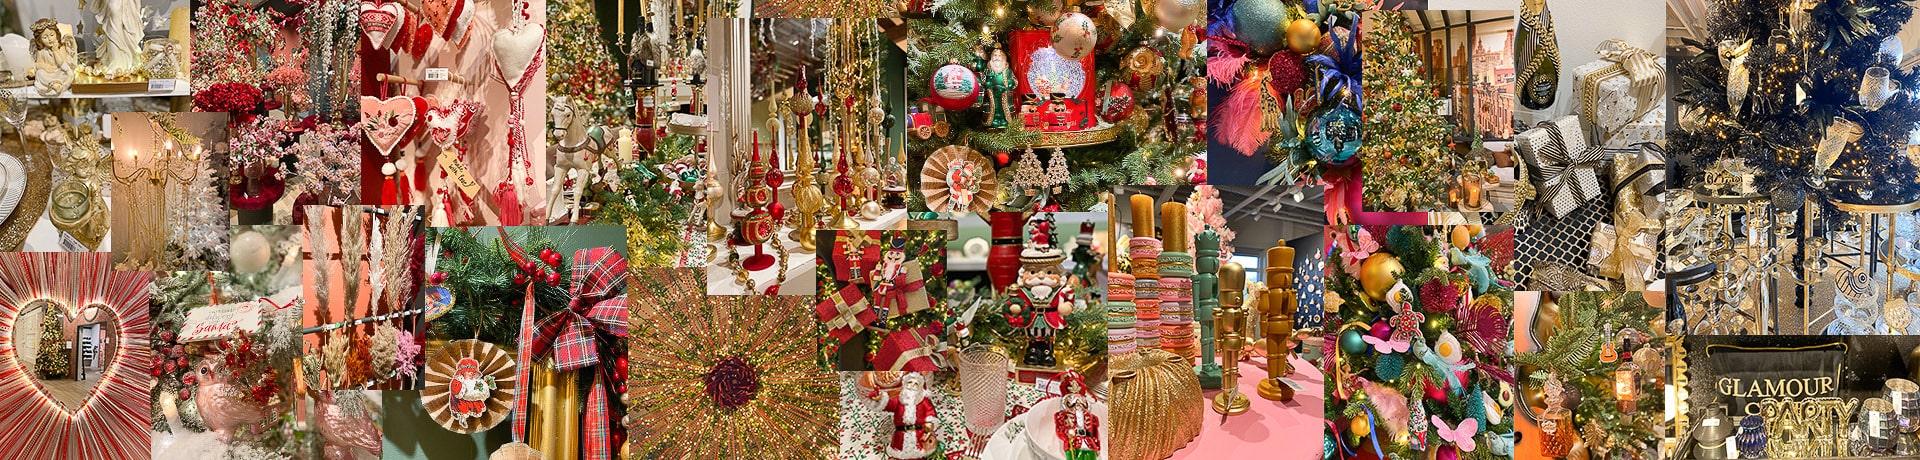 Kersttrends 2021 sfeerbeeld